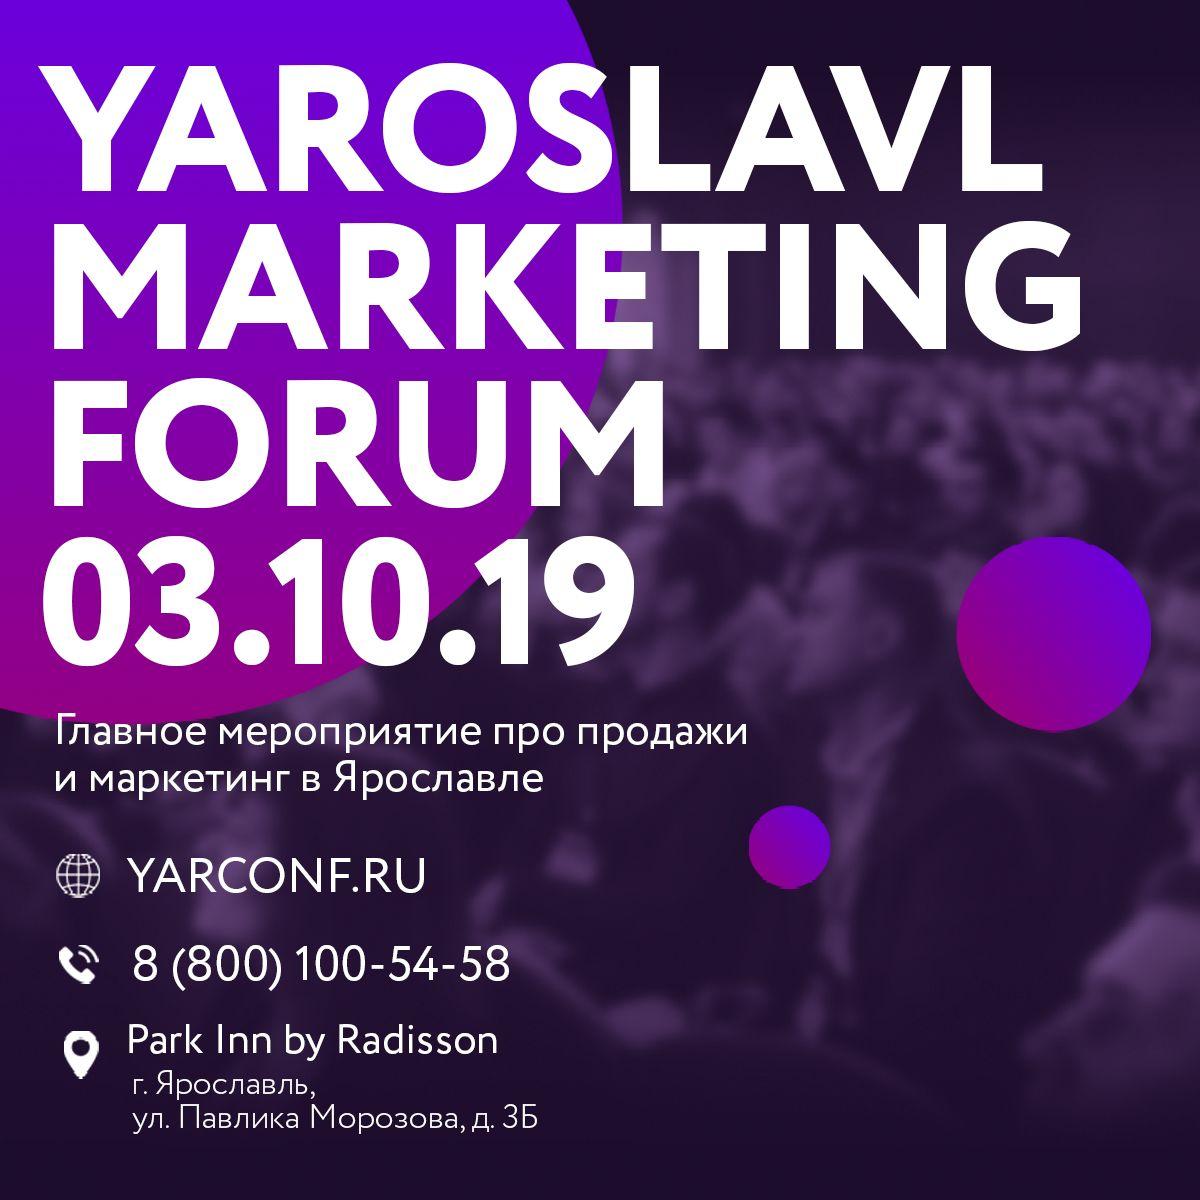 Ярославский Маркетинг Форум – главное мероприятие про продажи и маркетинг в Ярославле